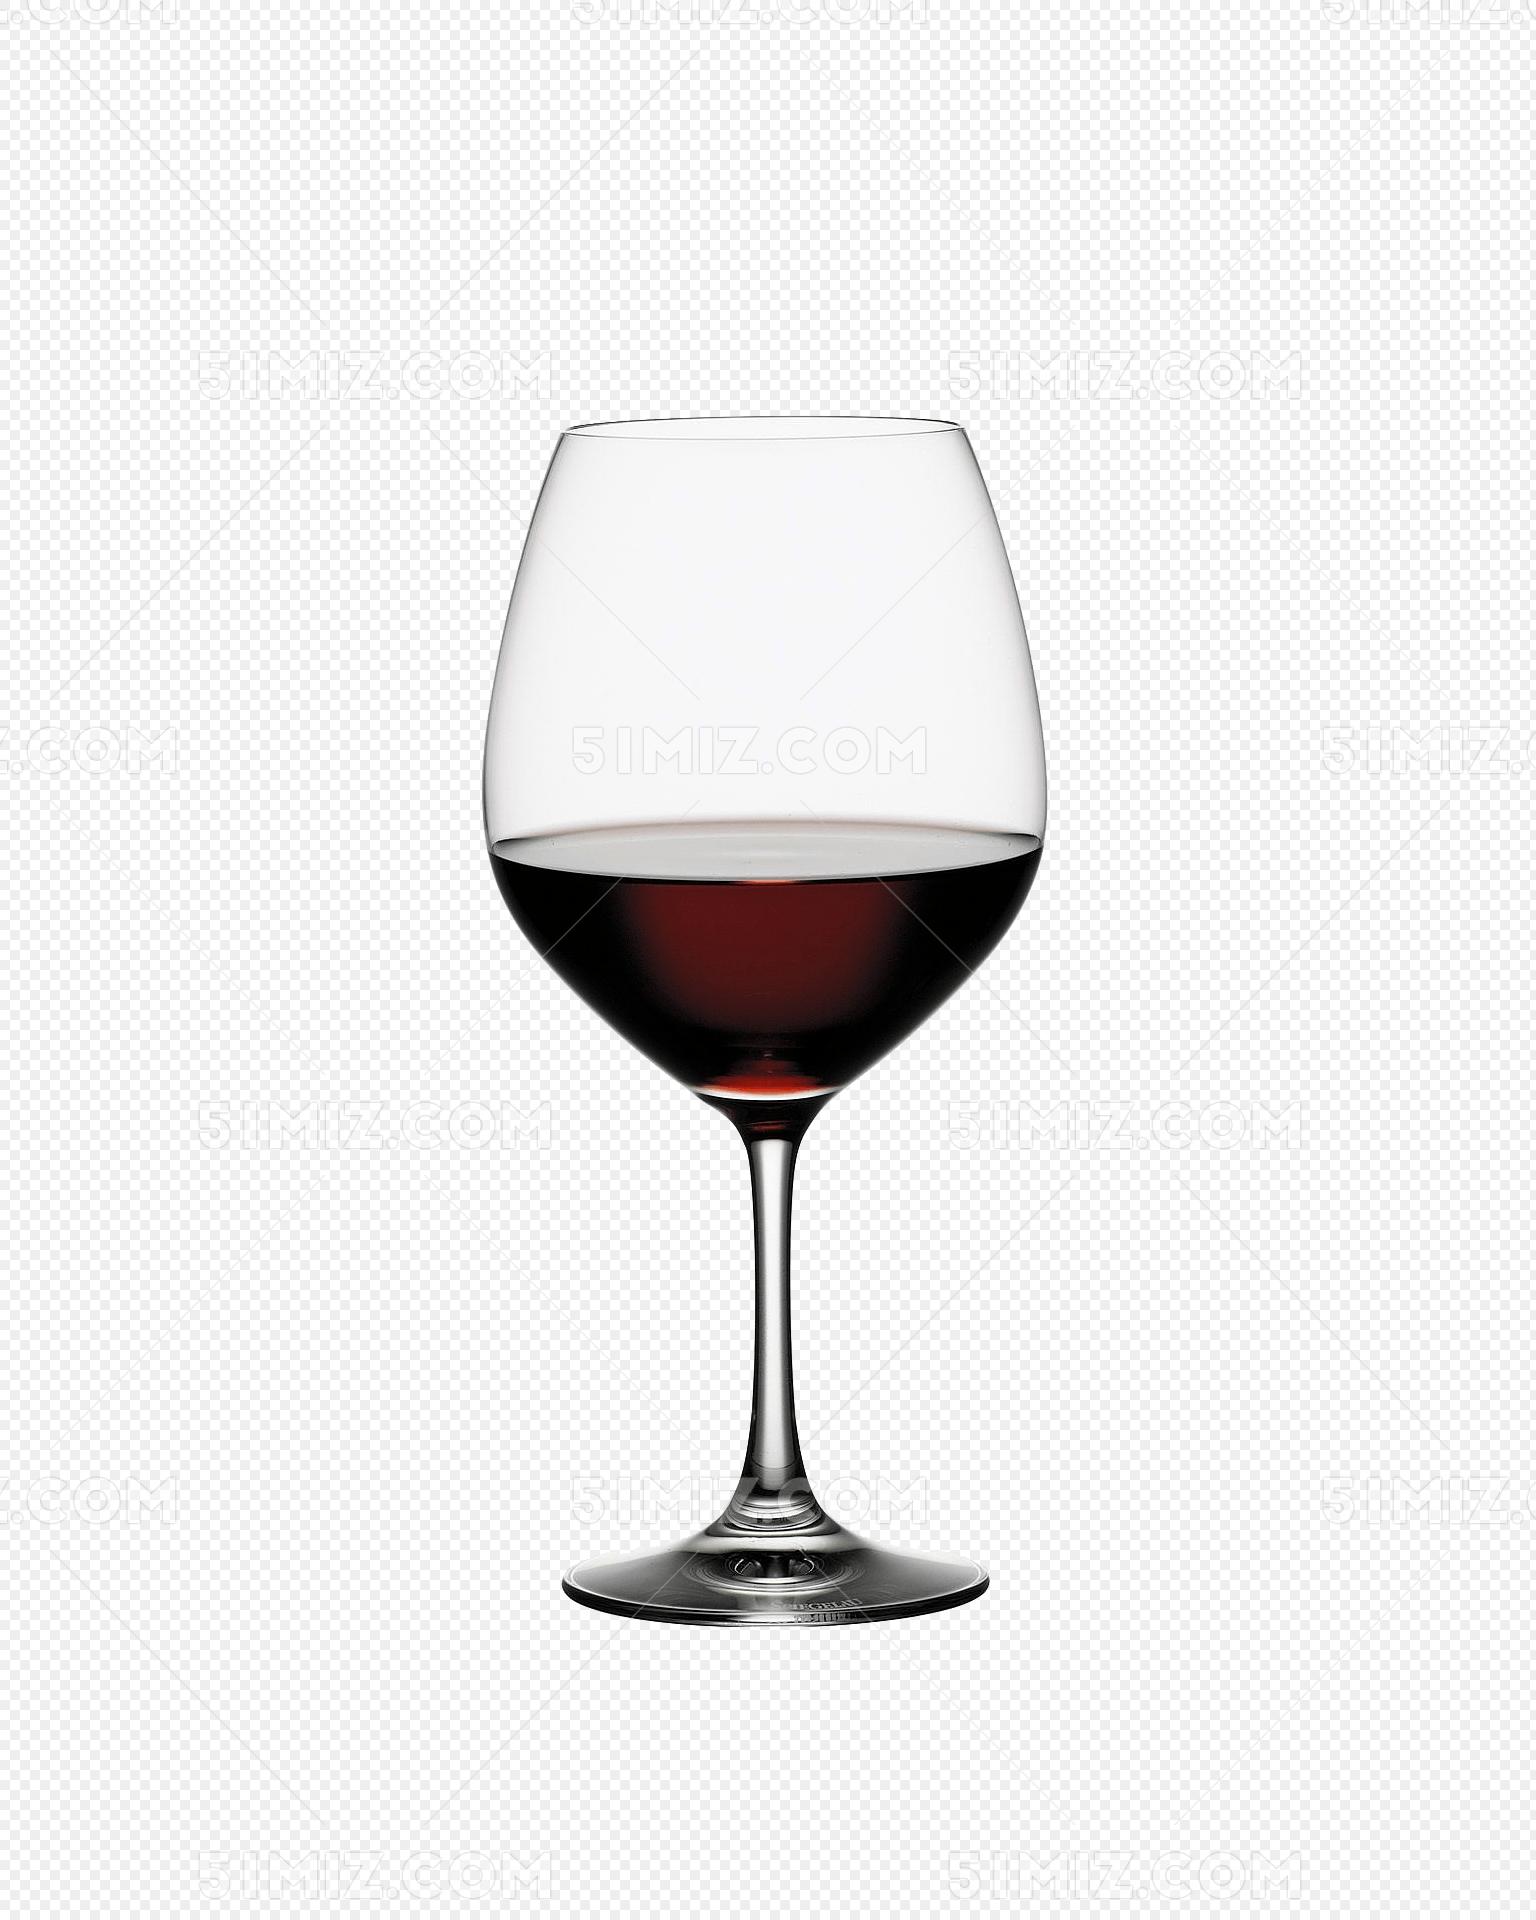 装着红酒的红酒杯免费下载_png素材_觅知网图片